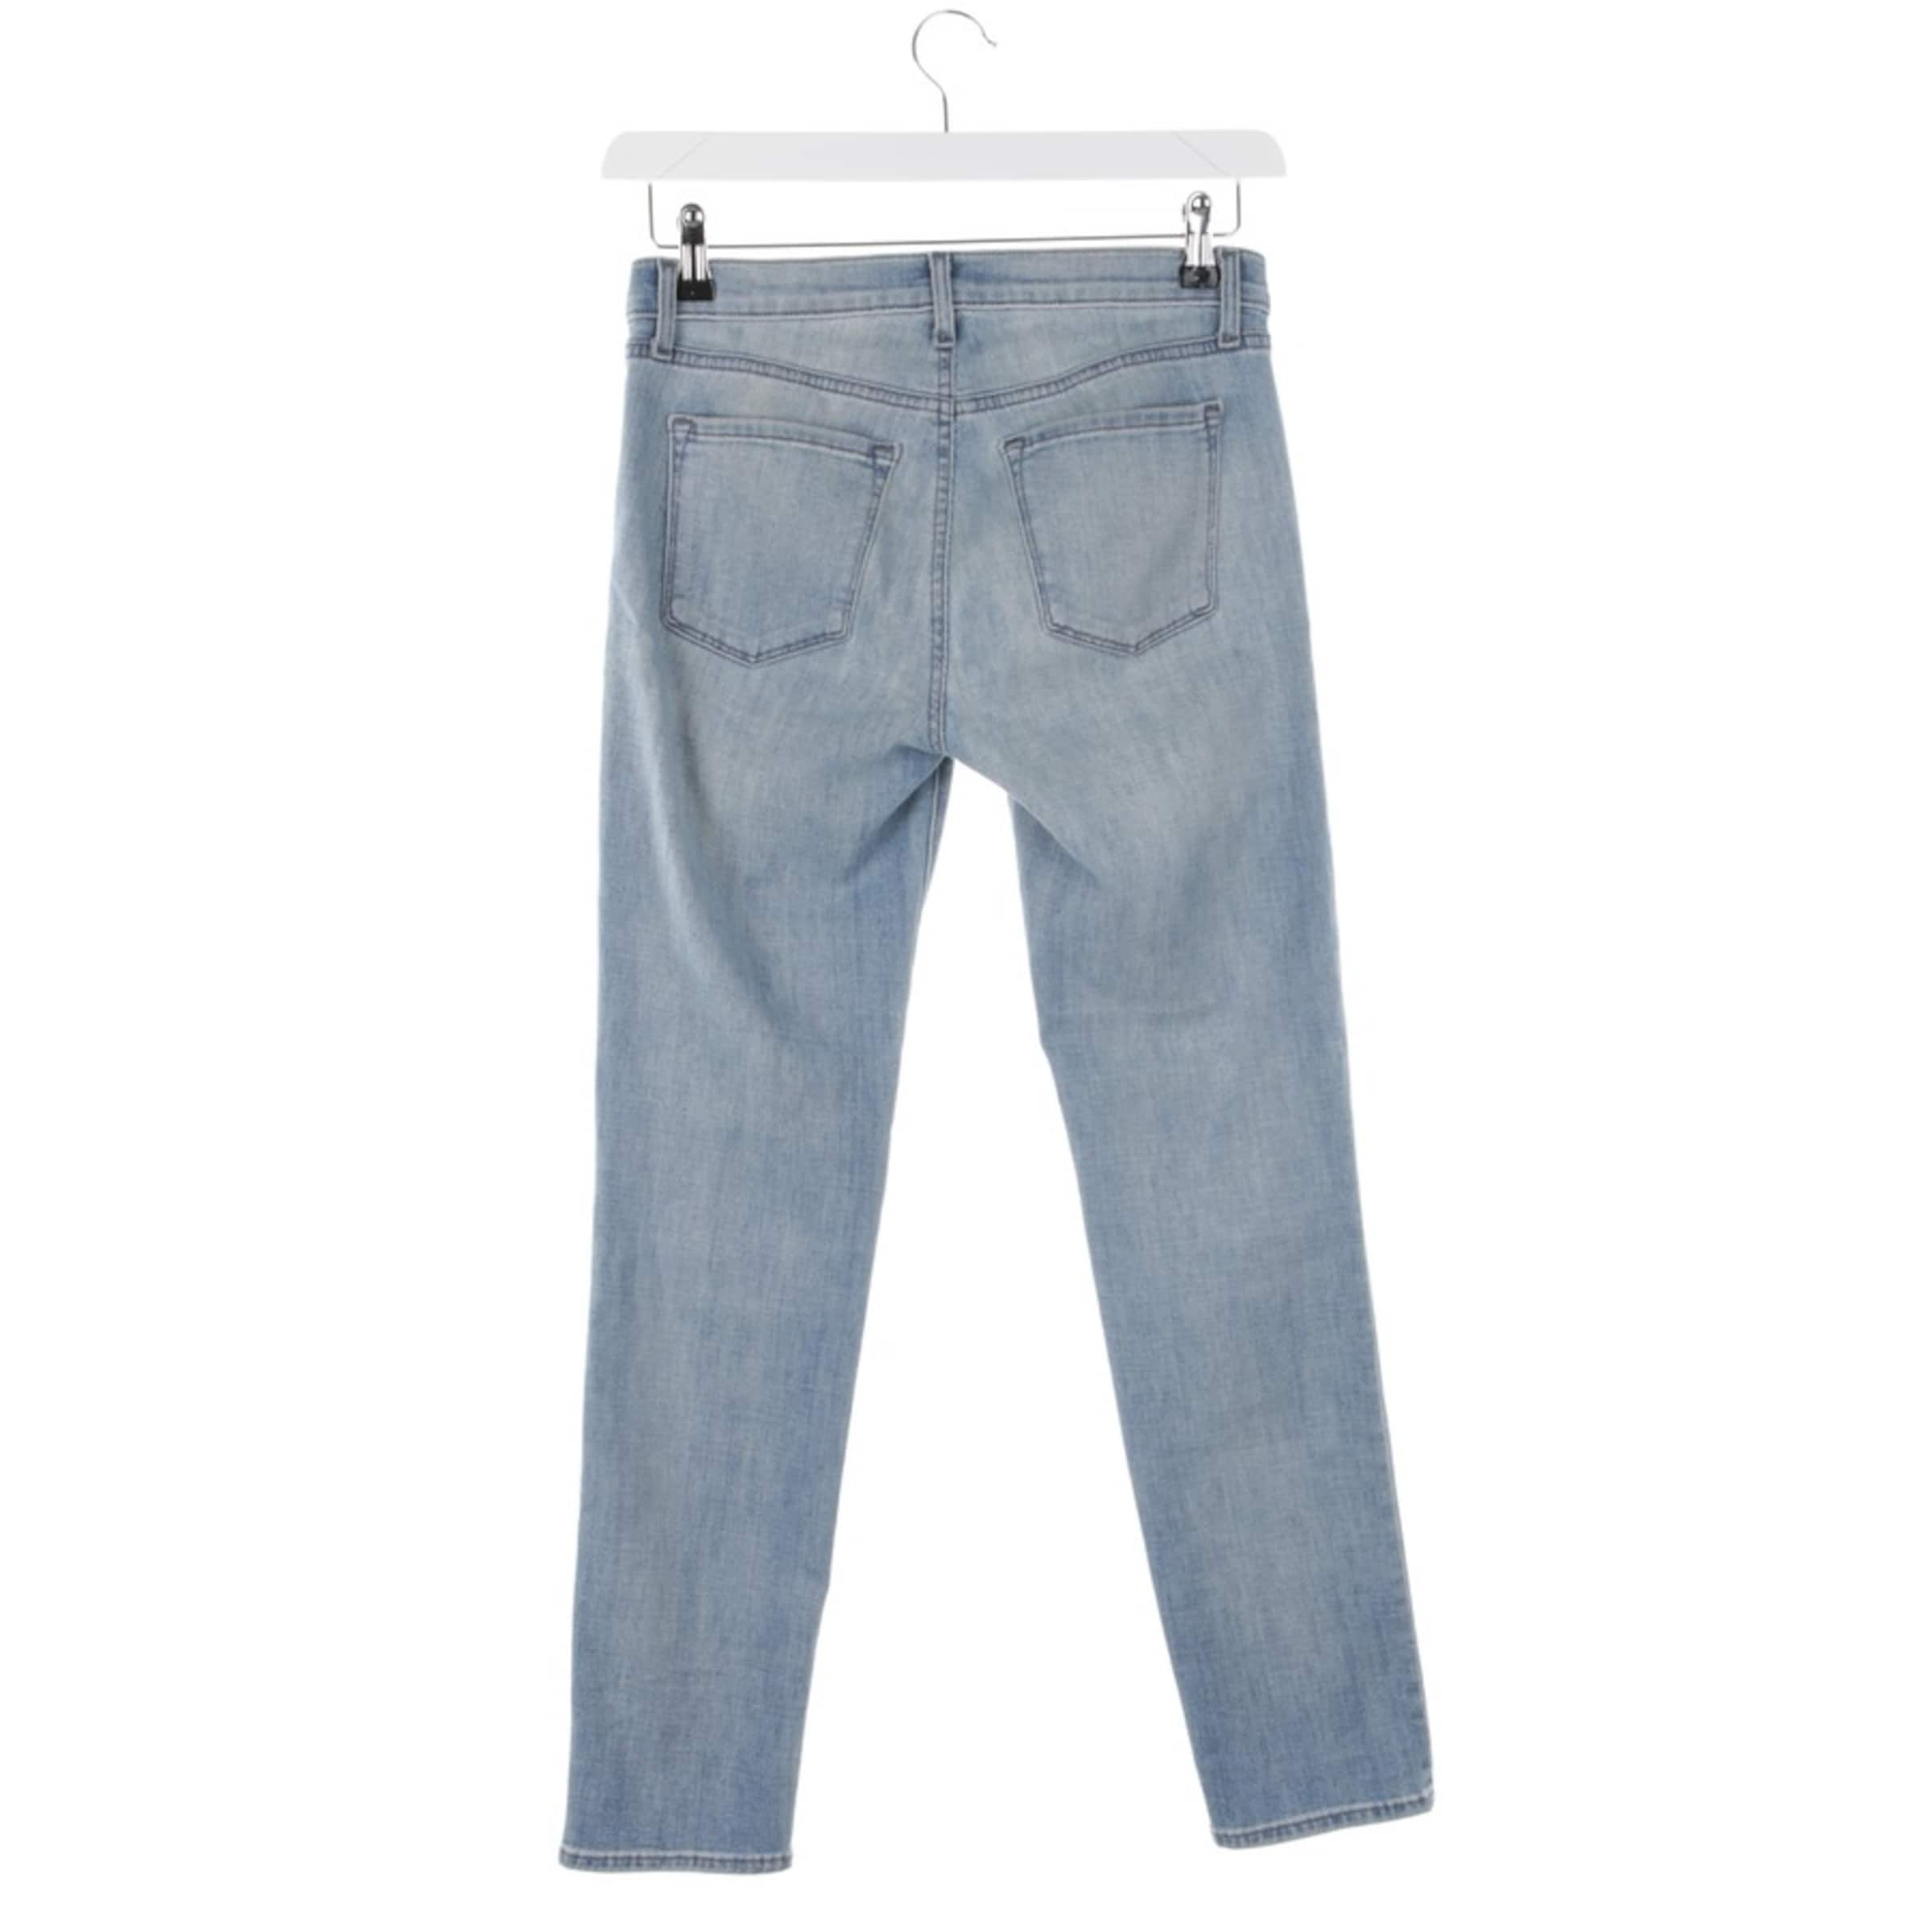 J Brand Jeans in w24 in blau